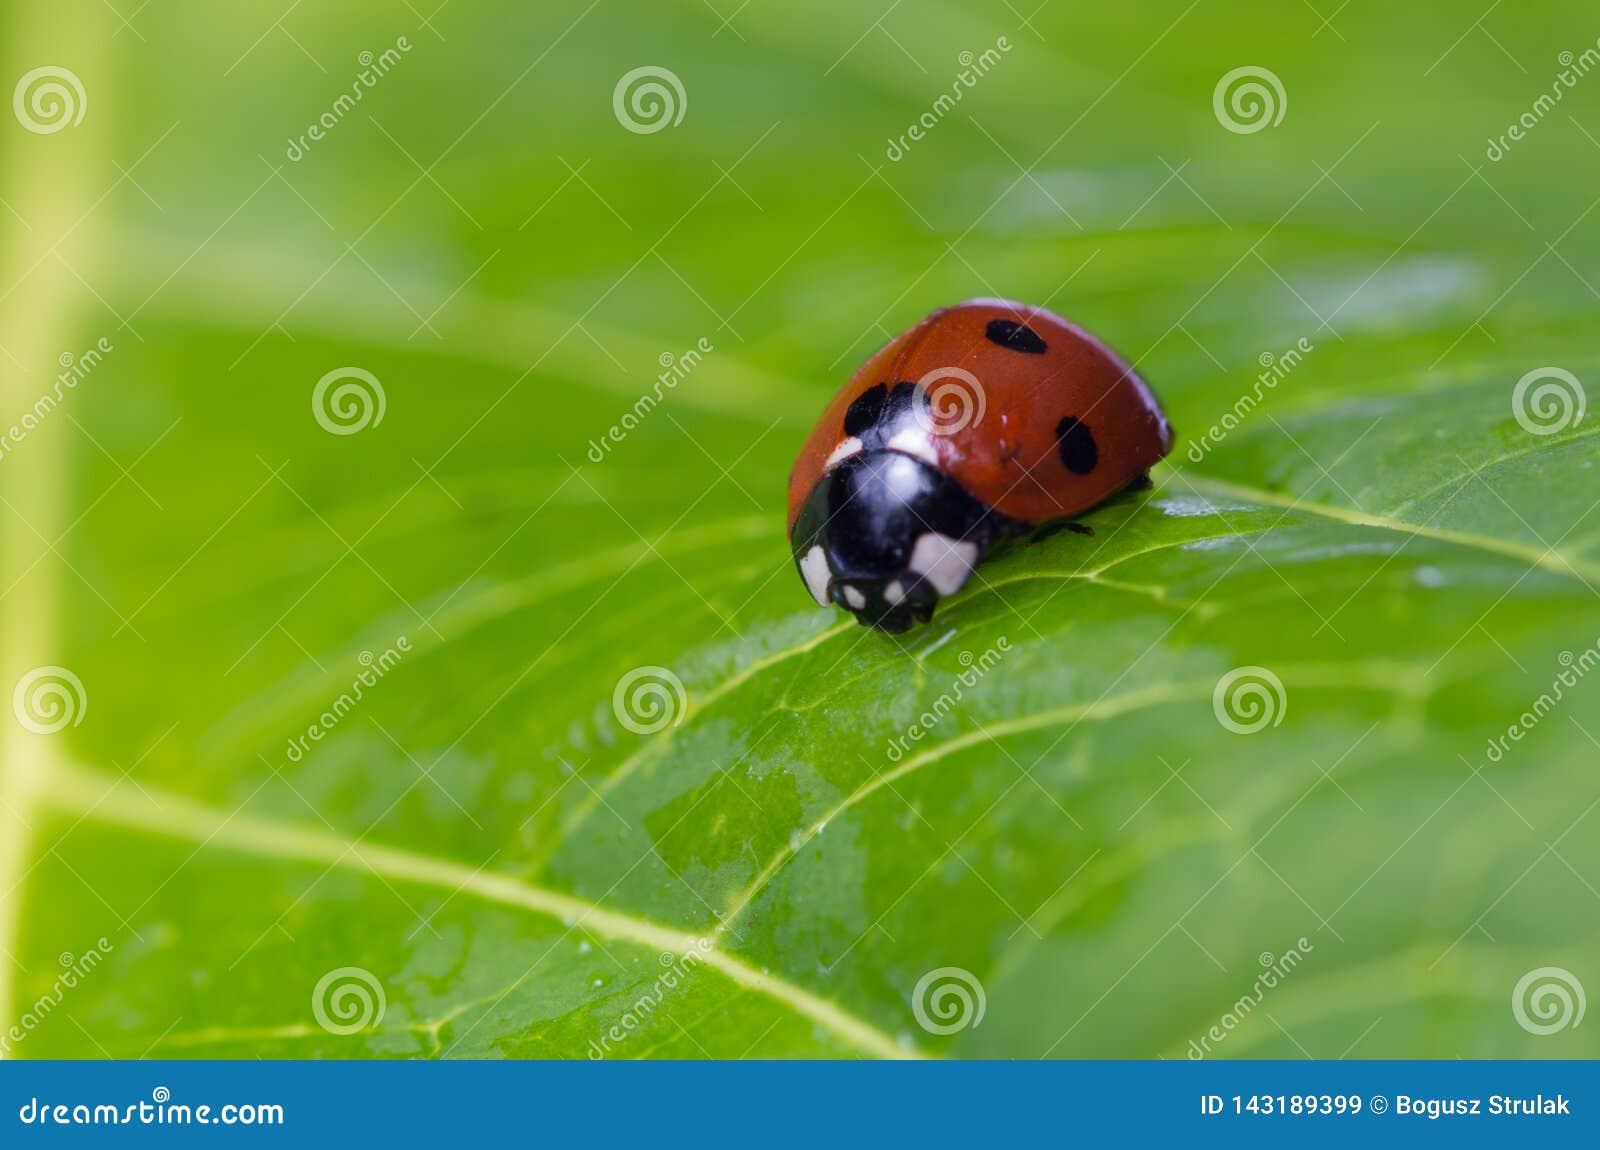 Nahaufnahme eines Marienkäfers auf einem grünen Blatt